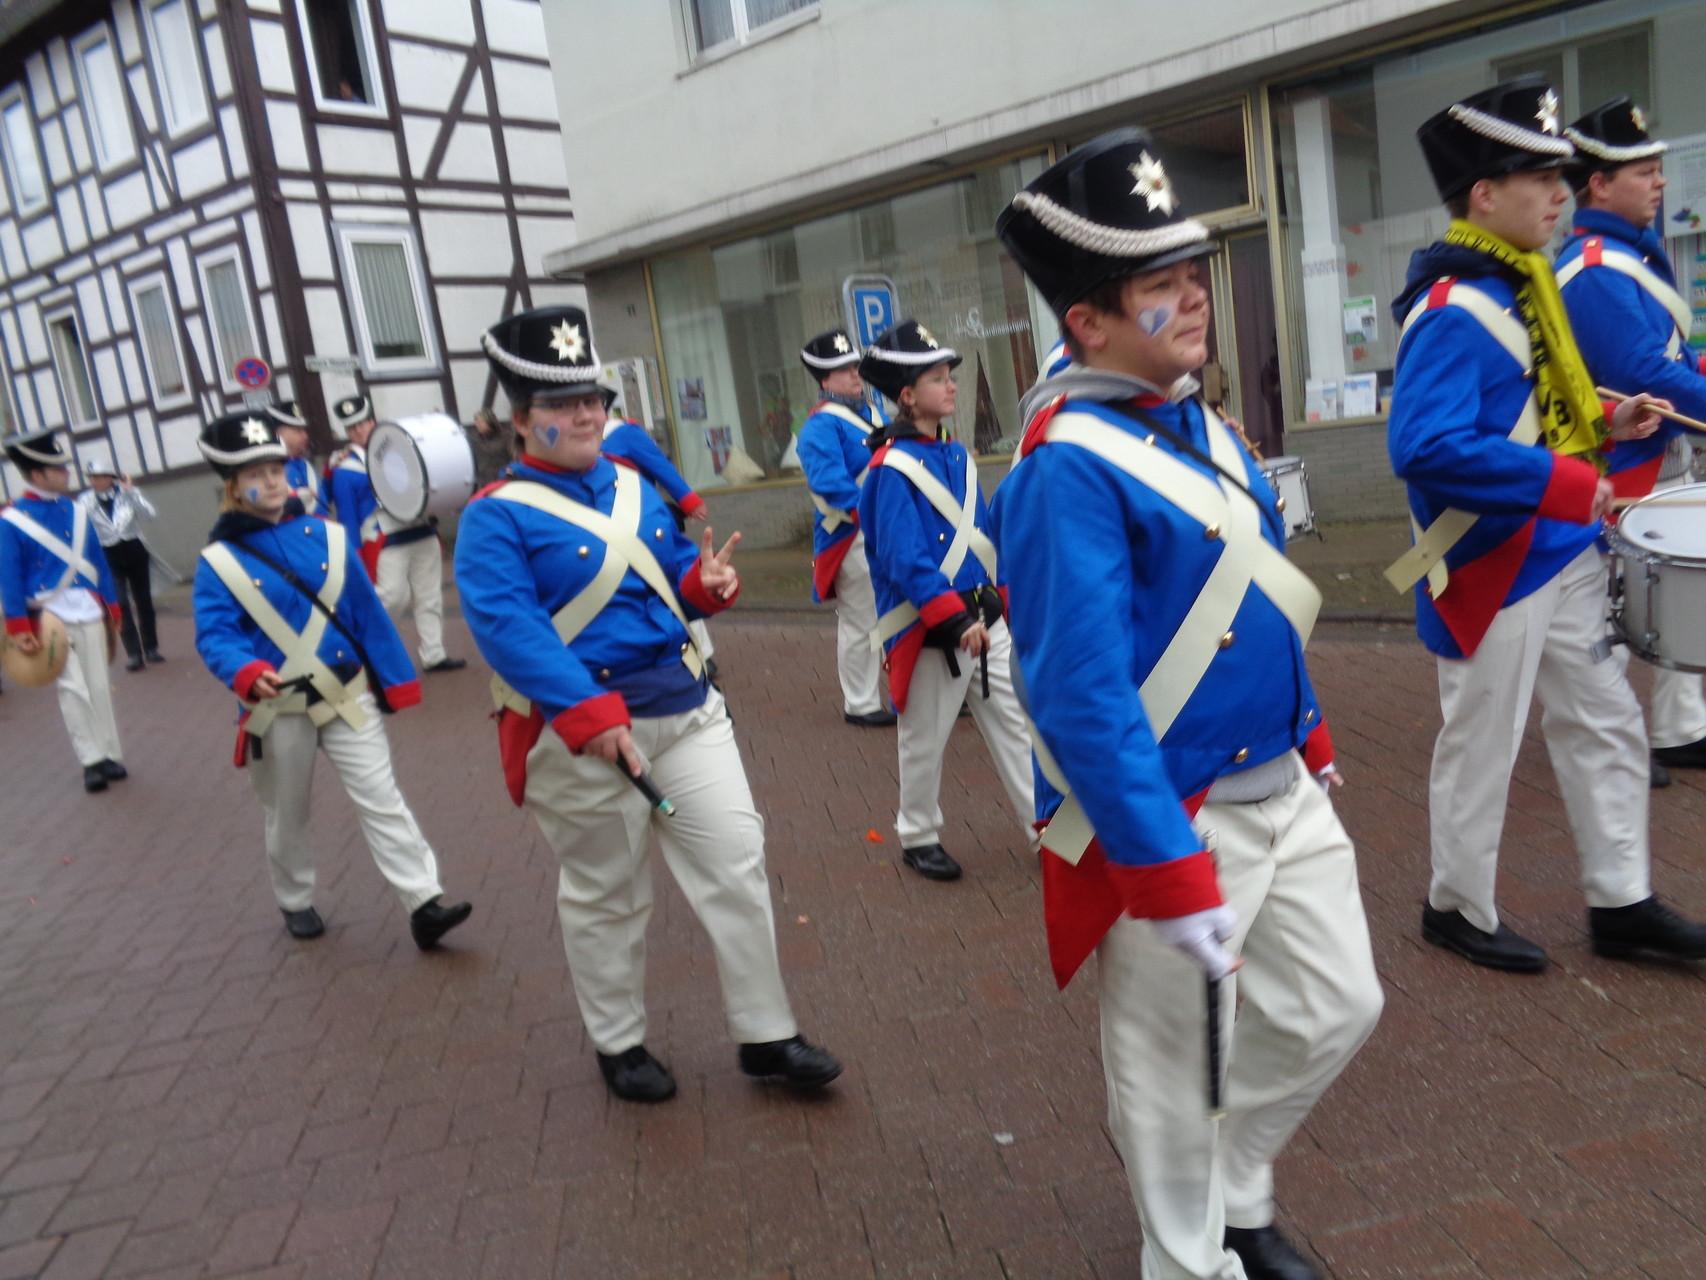 Karneval in Nieheim